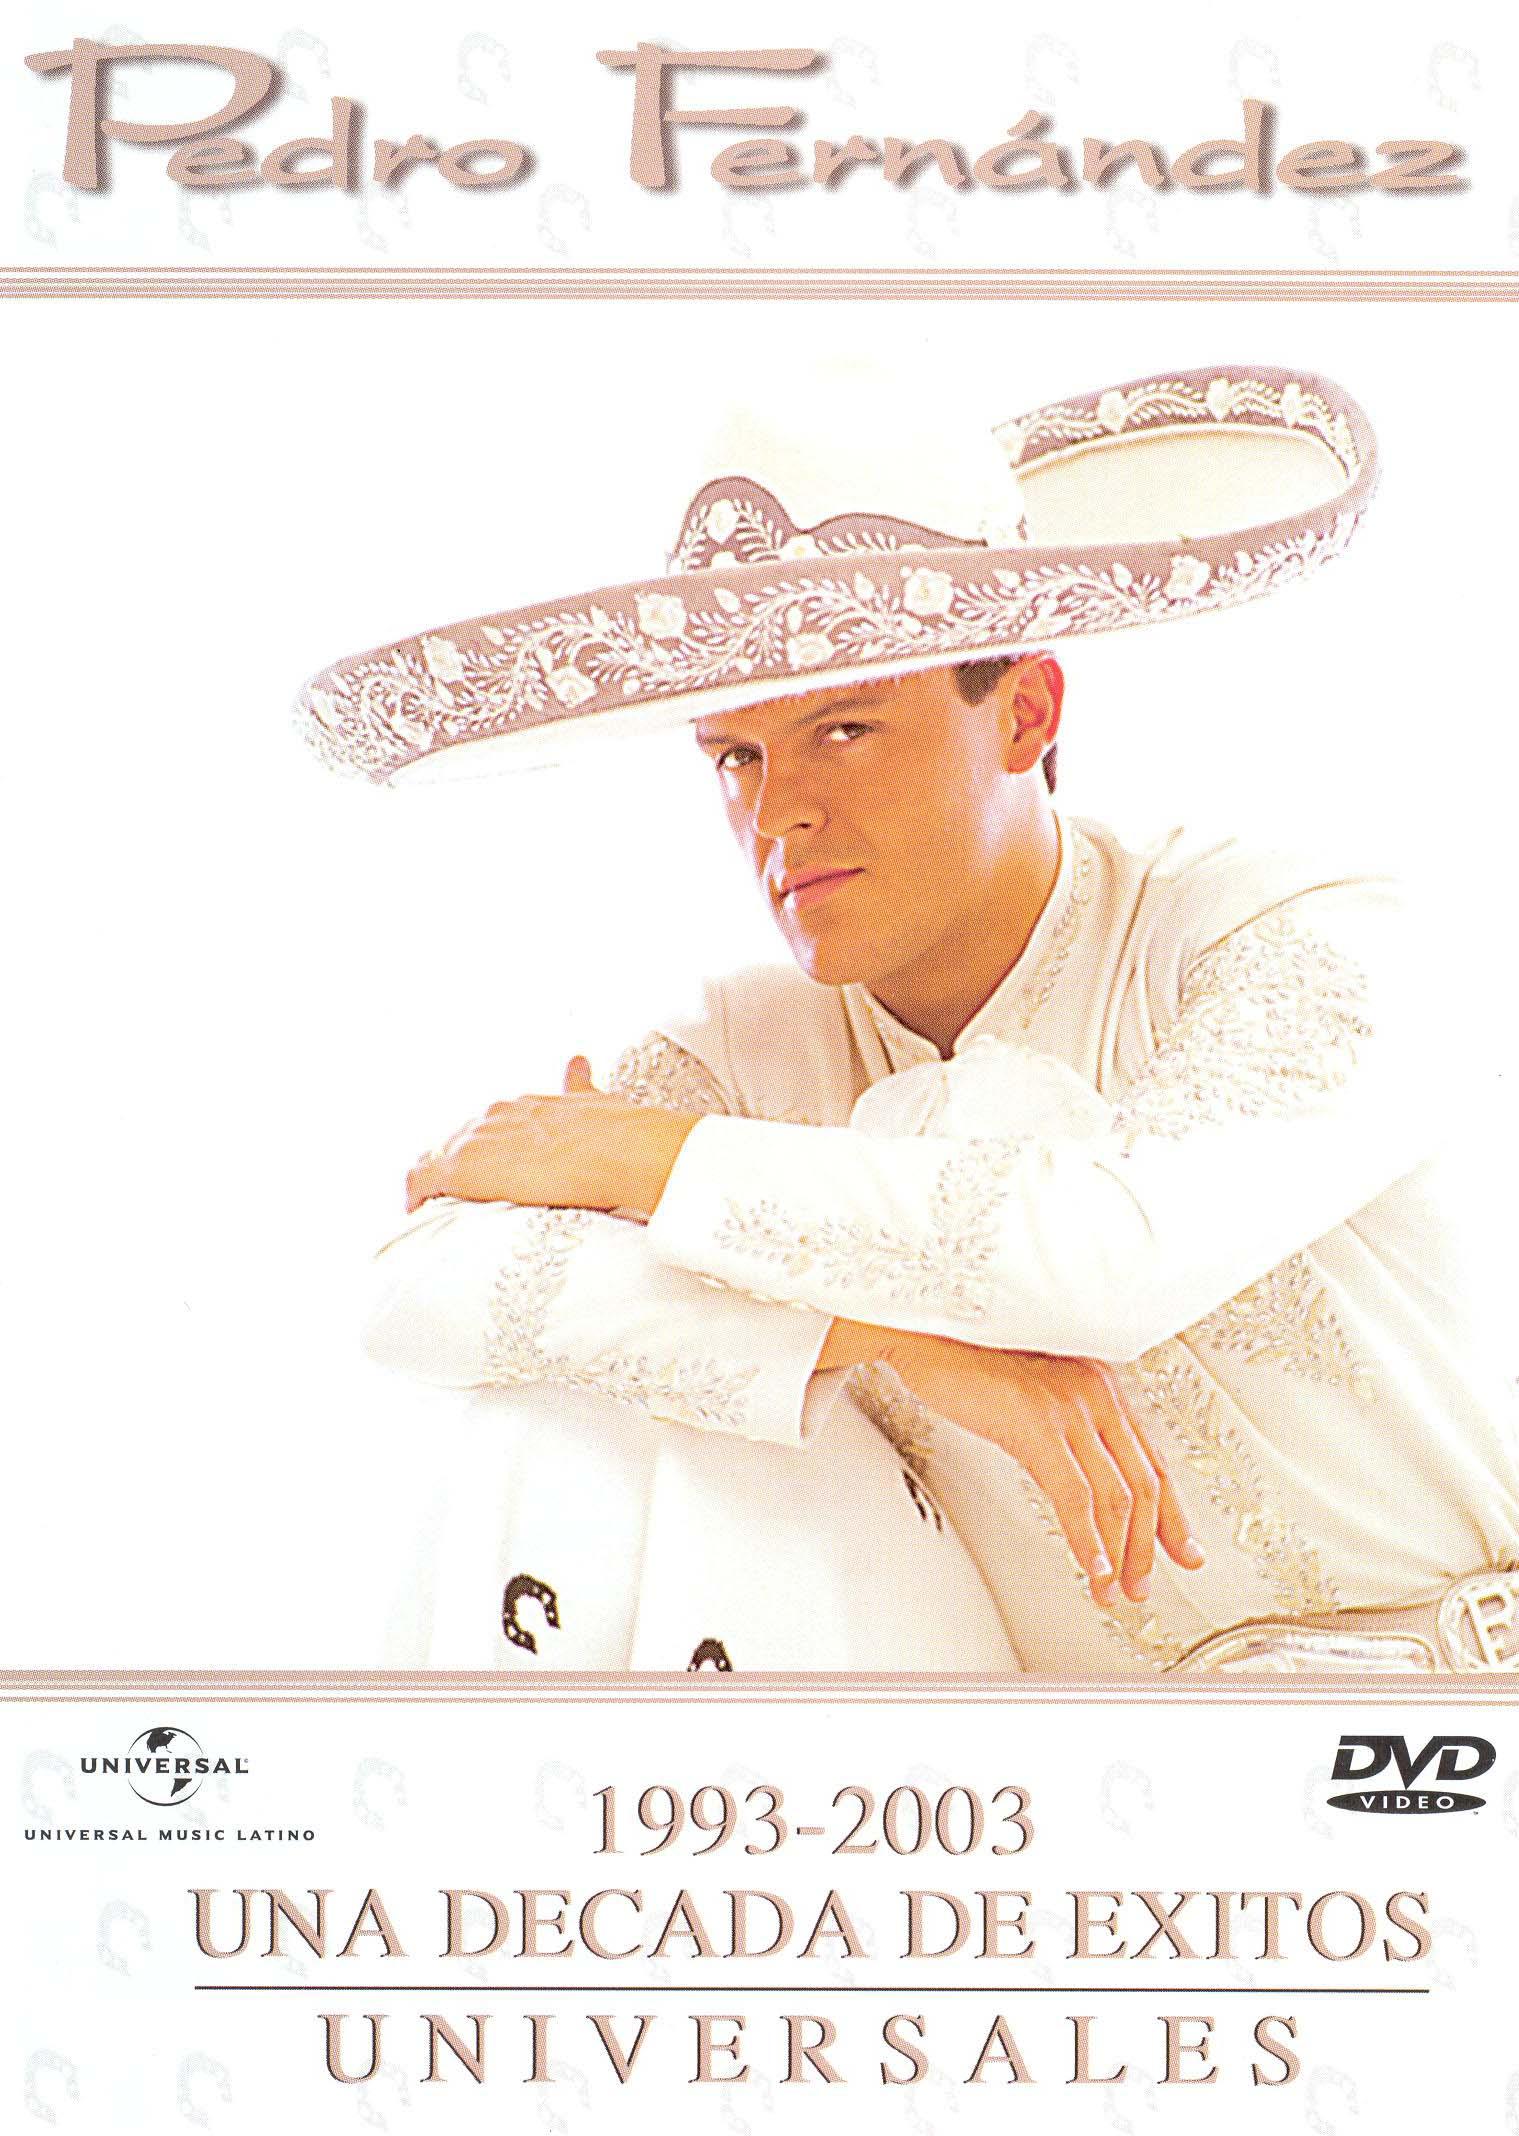 Pedro Fernandez: 1993-2003 - Una Decada De Exitos Universales